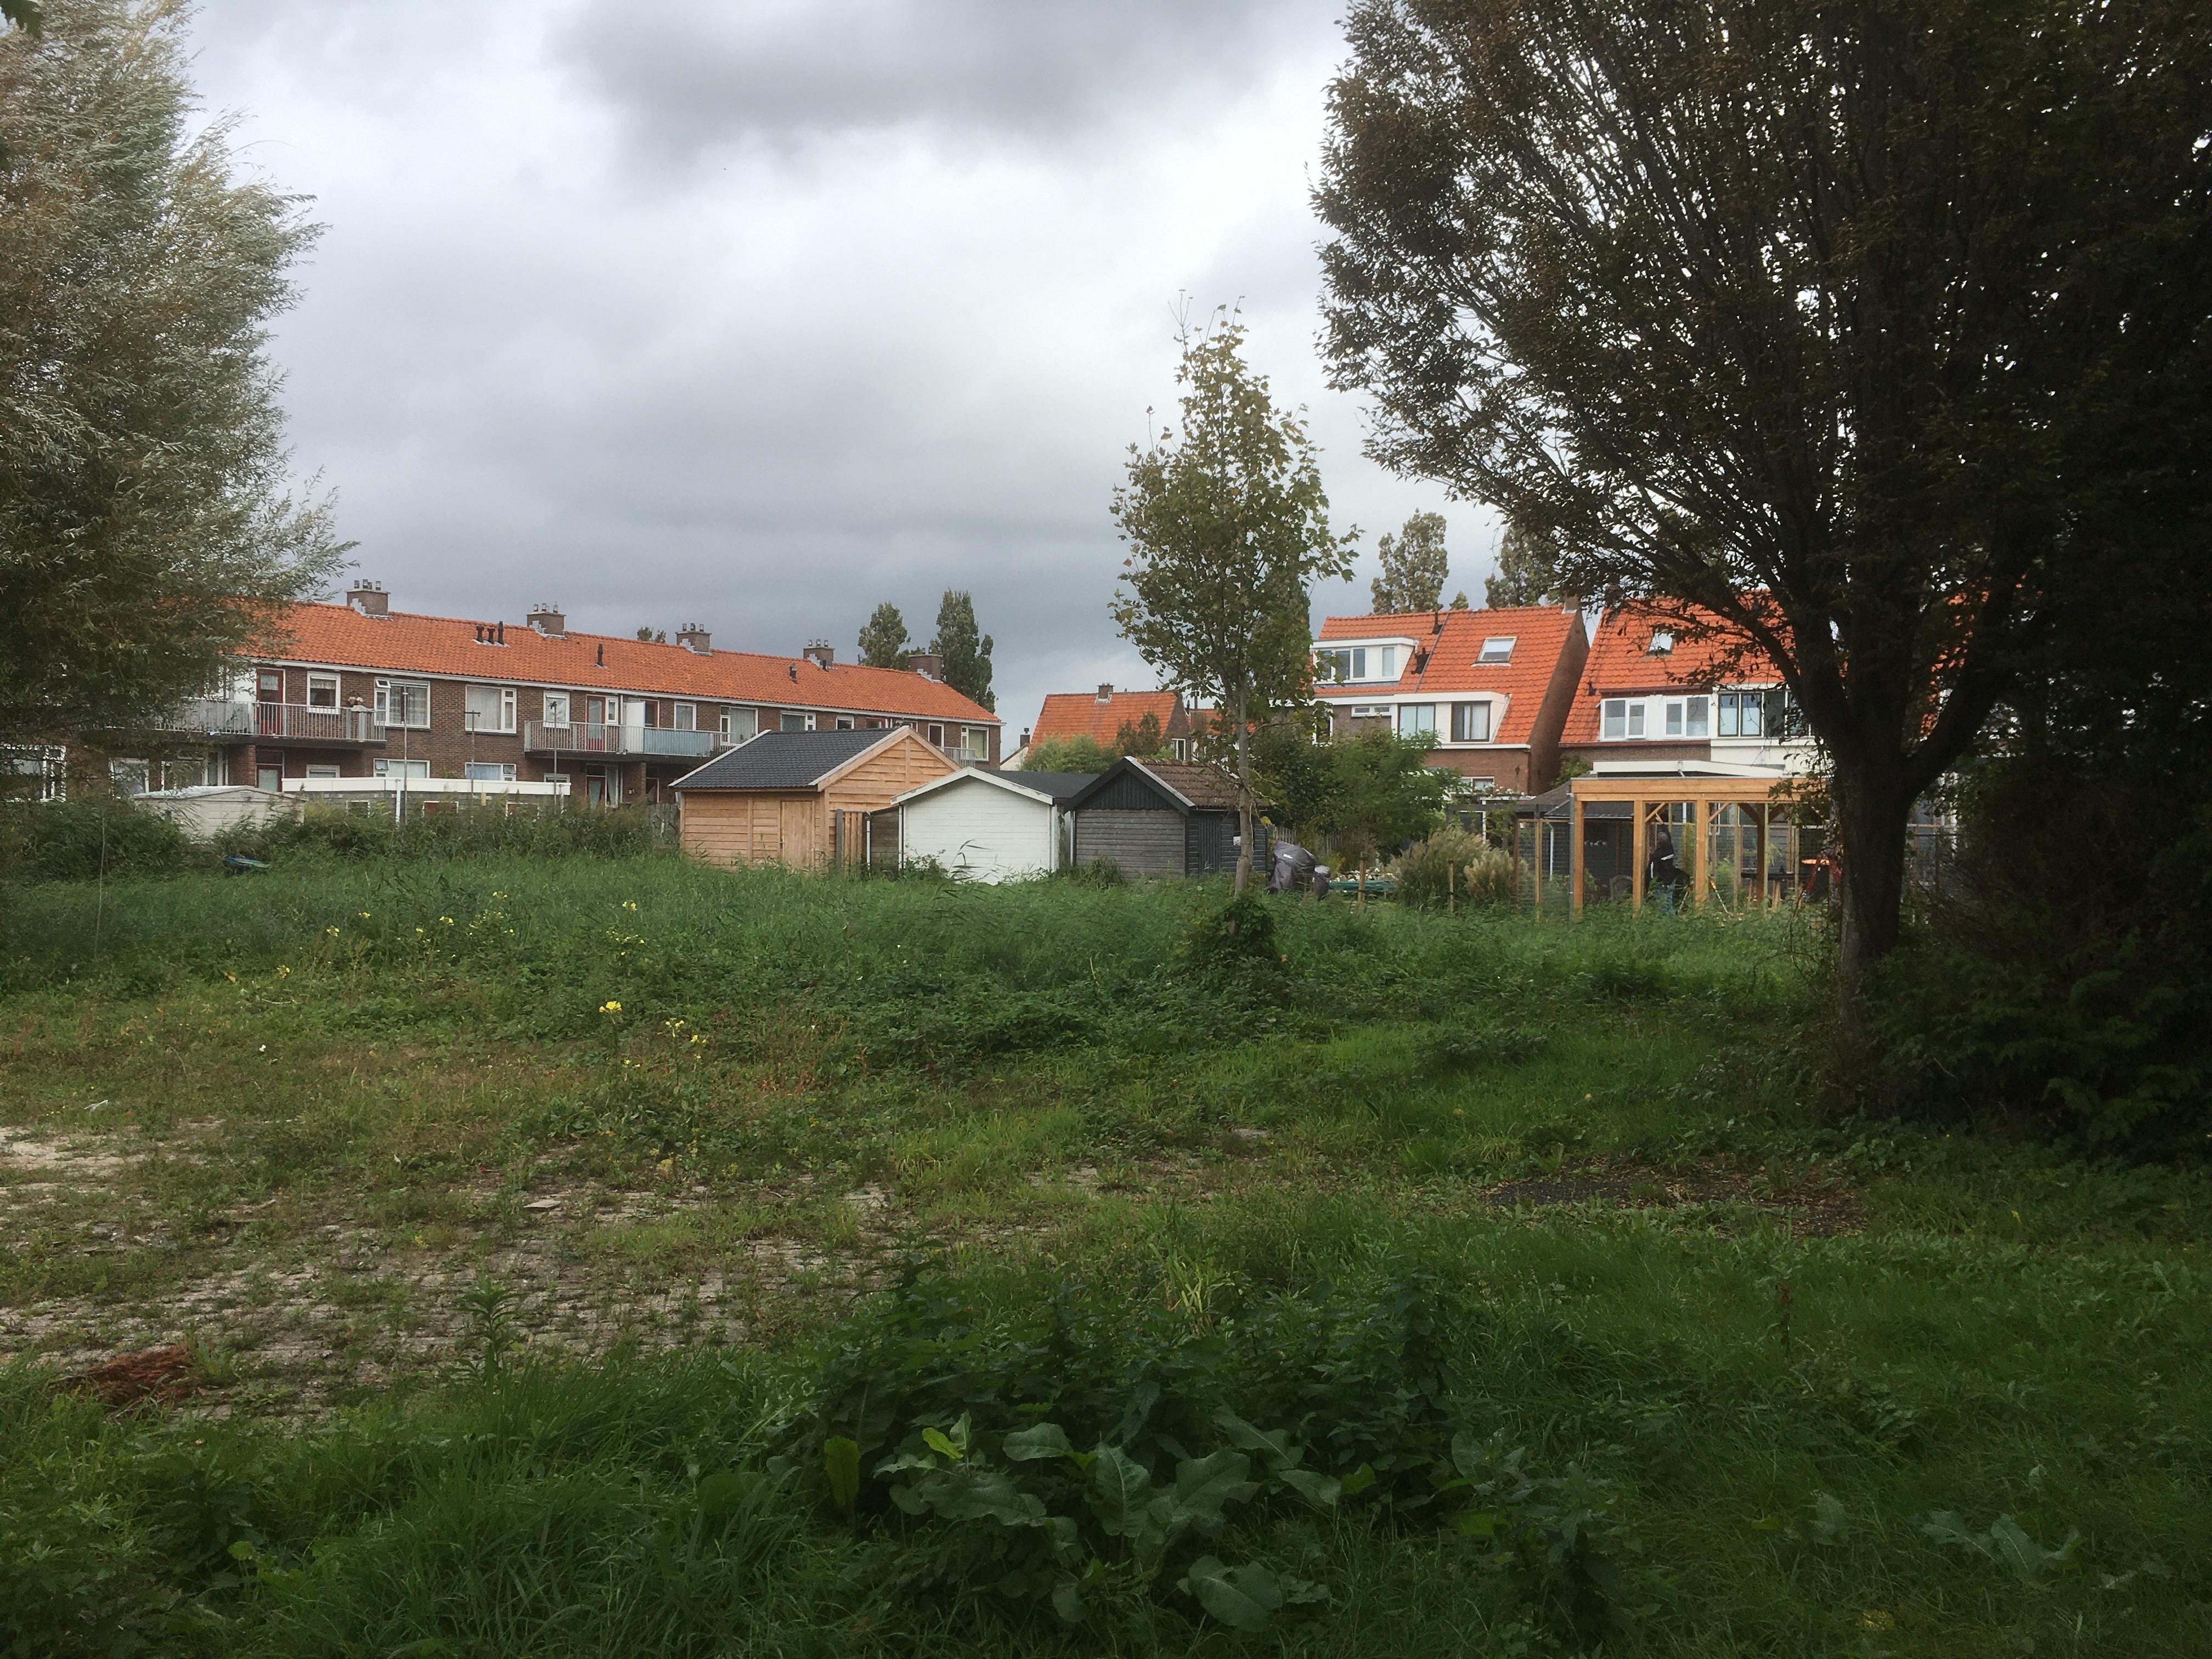 Omwonenden komen met 180 handtekeningen tegen komst tiny houses, maar politiek Lisse toont weinig begrip